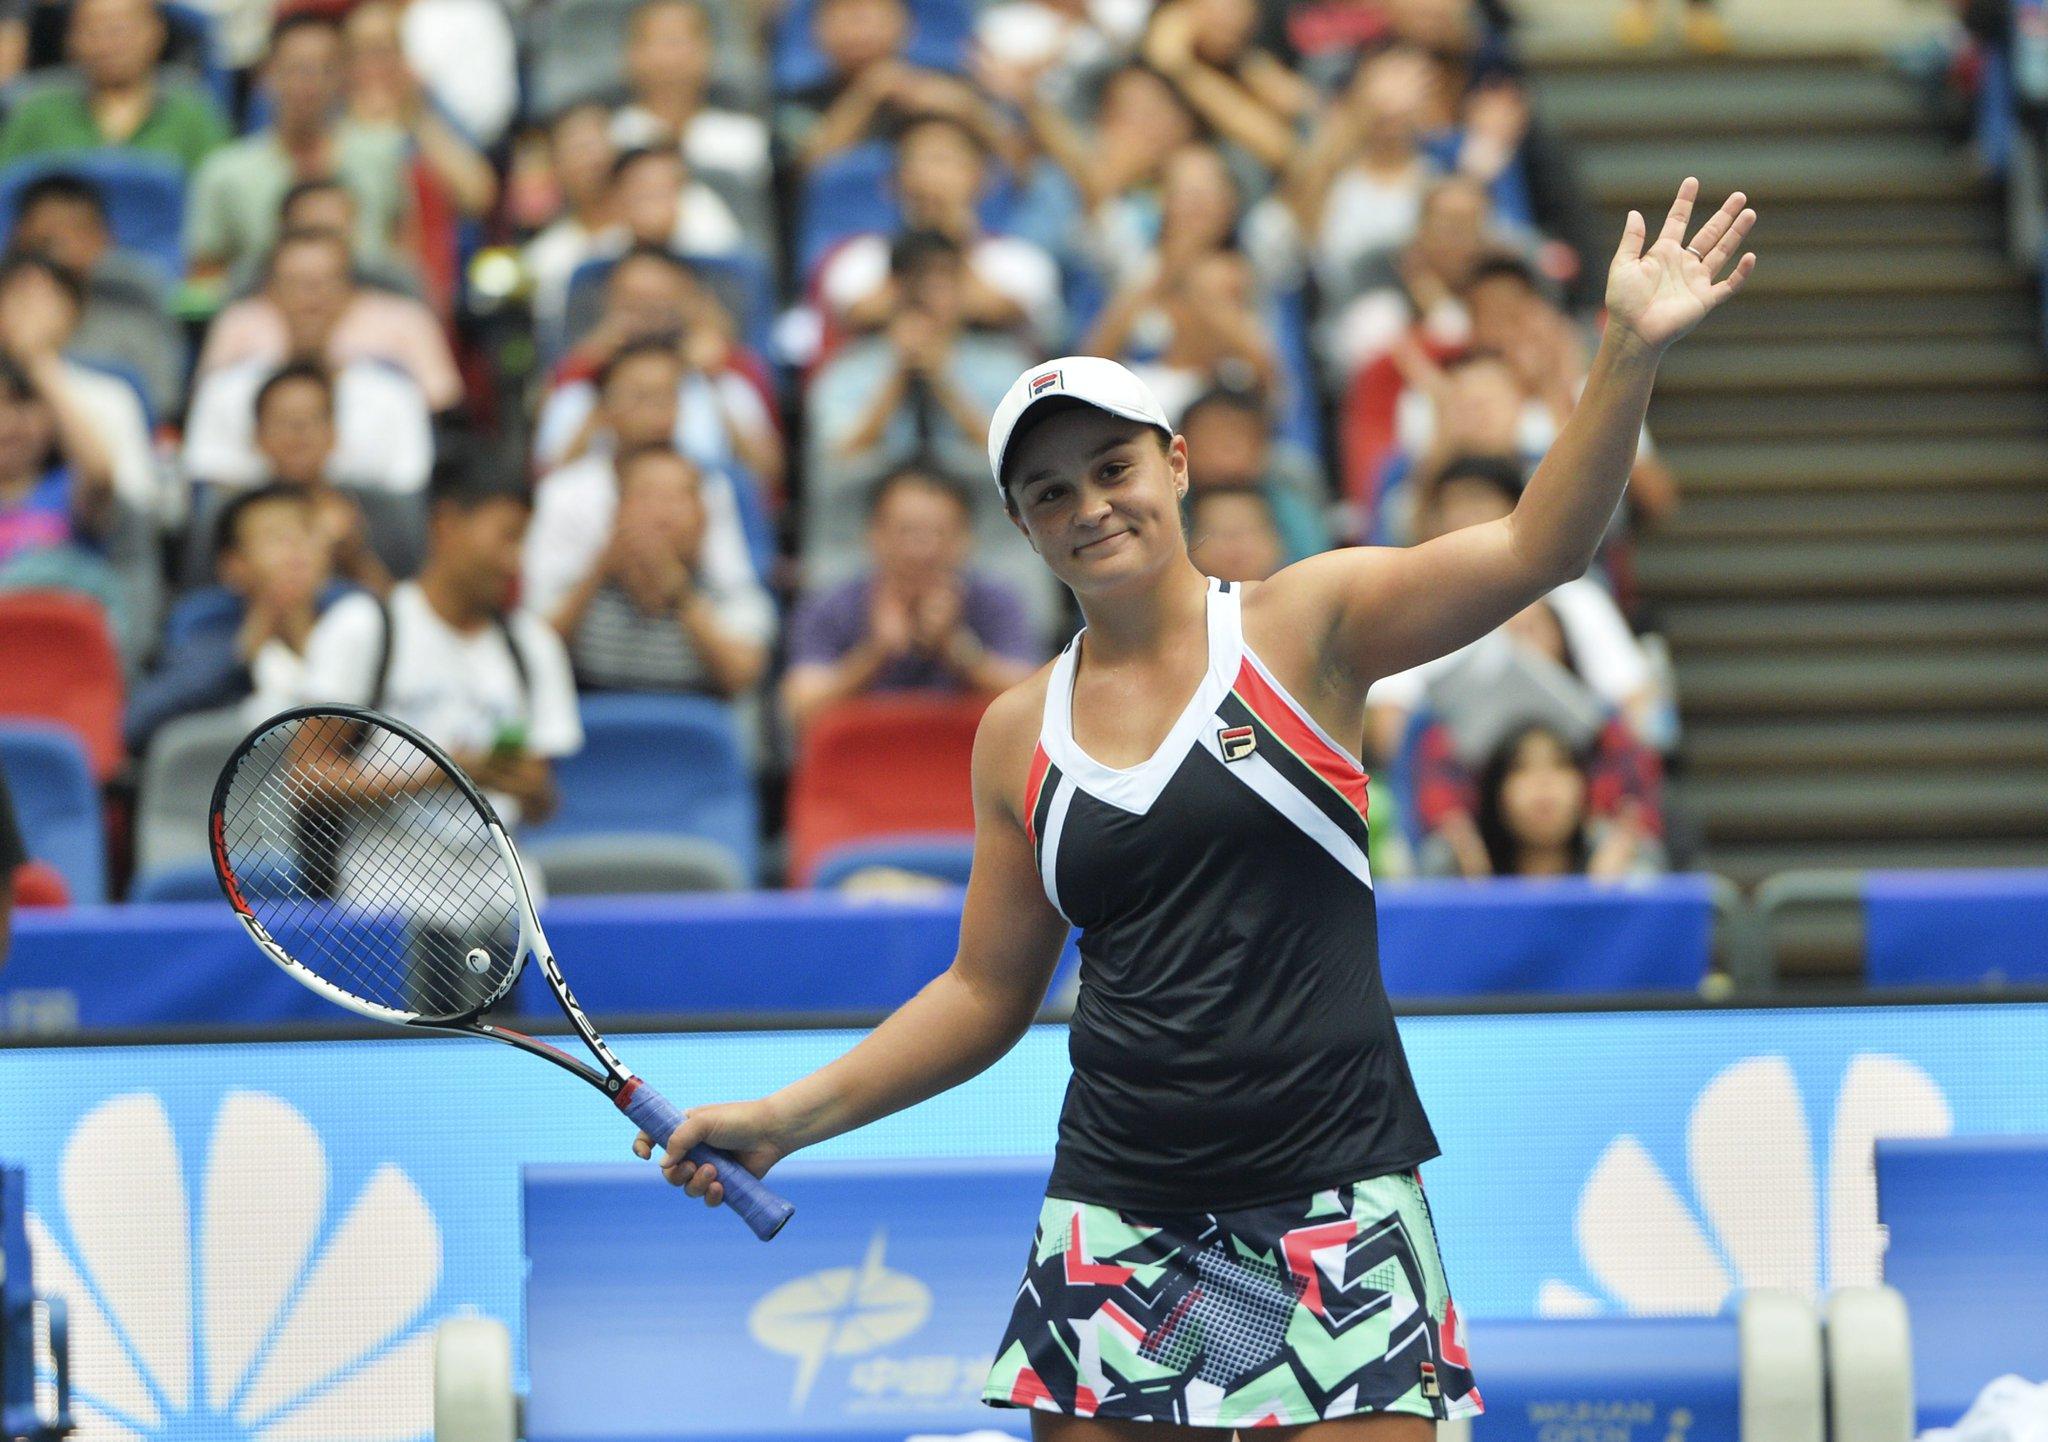 В финале турнира WTA Premier в Ухане сыграют Барти и Гарсия